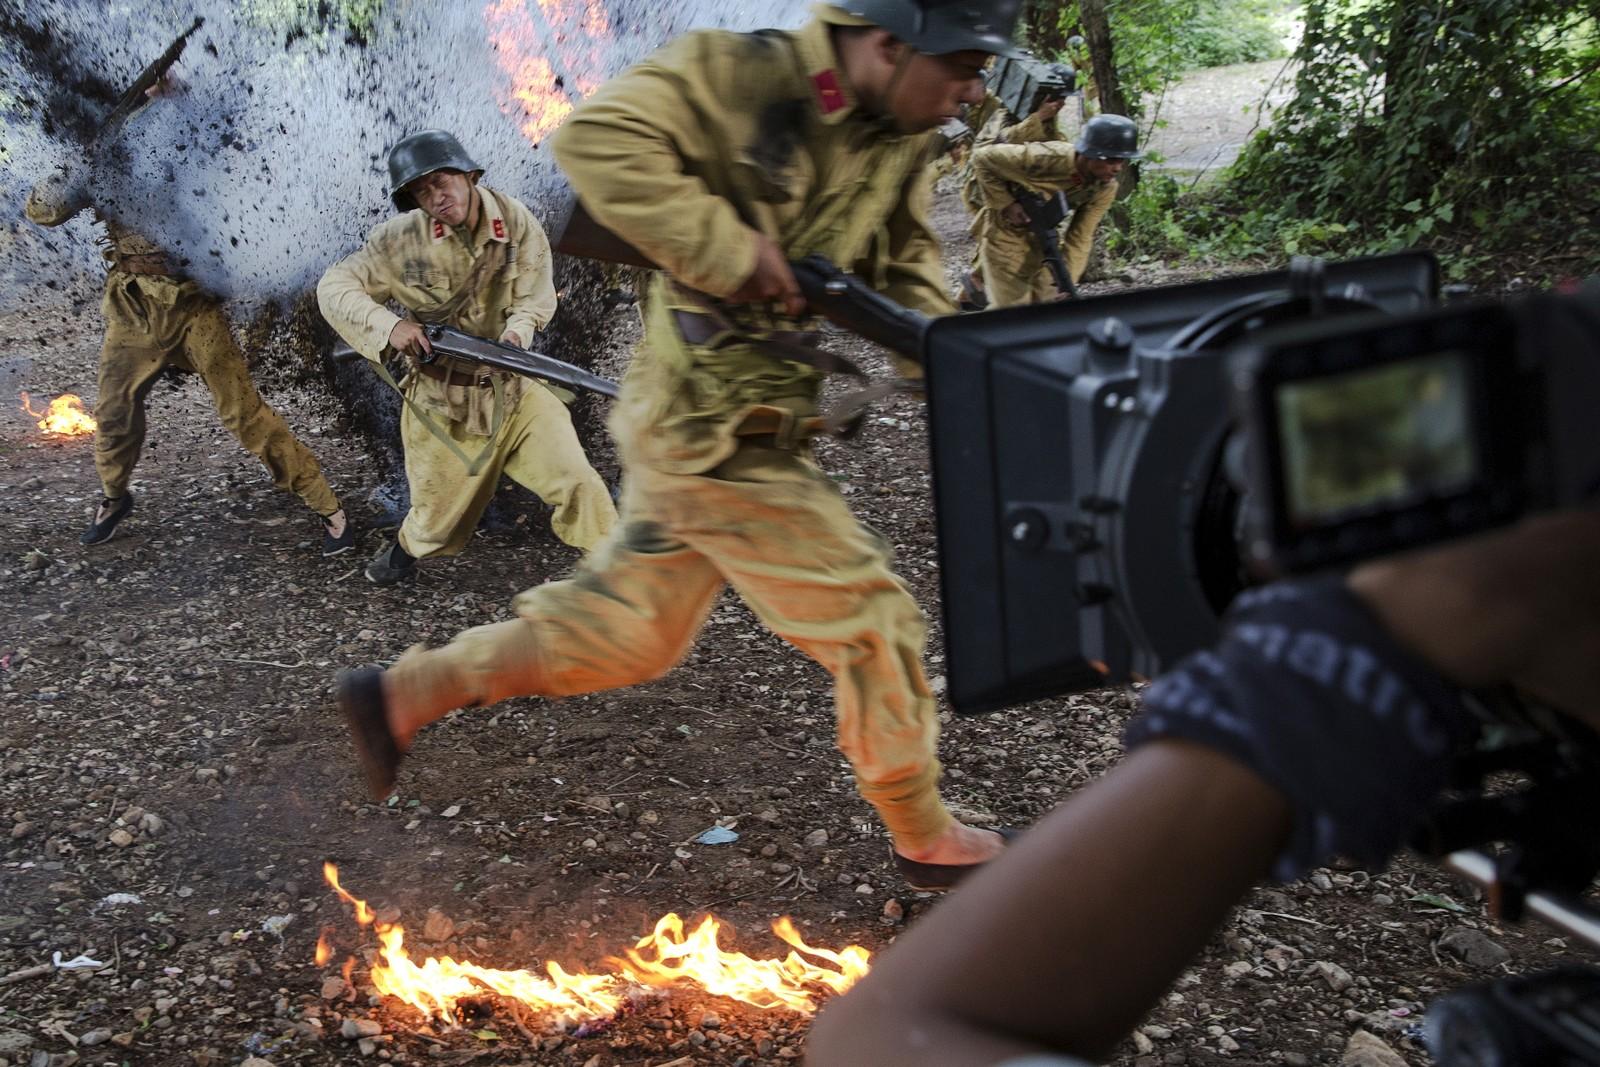 Soldater i kamp under filmingen av TV-serien The last prince, som tar for seg Qing-dynastiet. Over hundre skuespillere deltok, og de spaktakulære scenene ble ofte filma i én omgang.